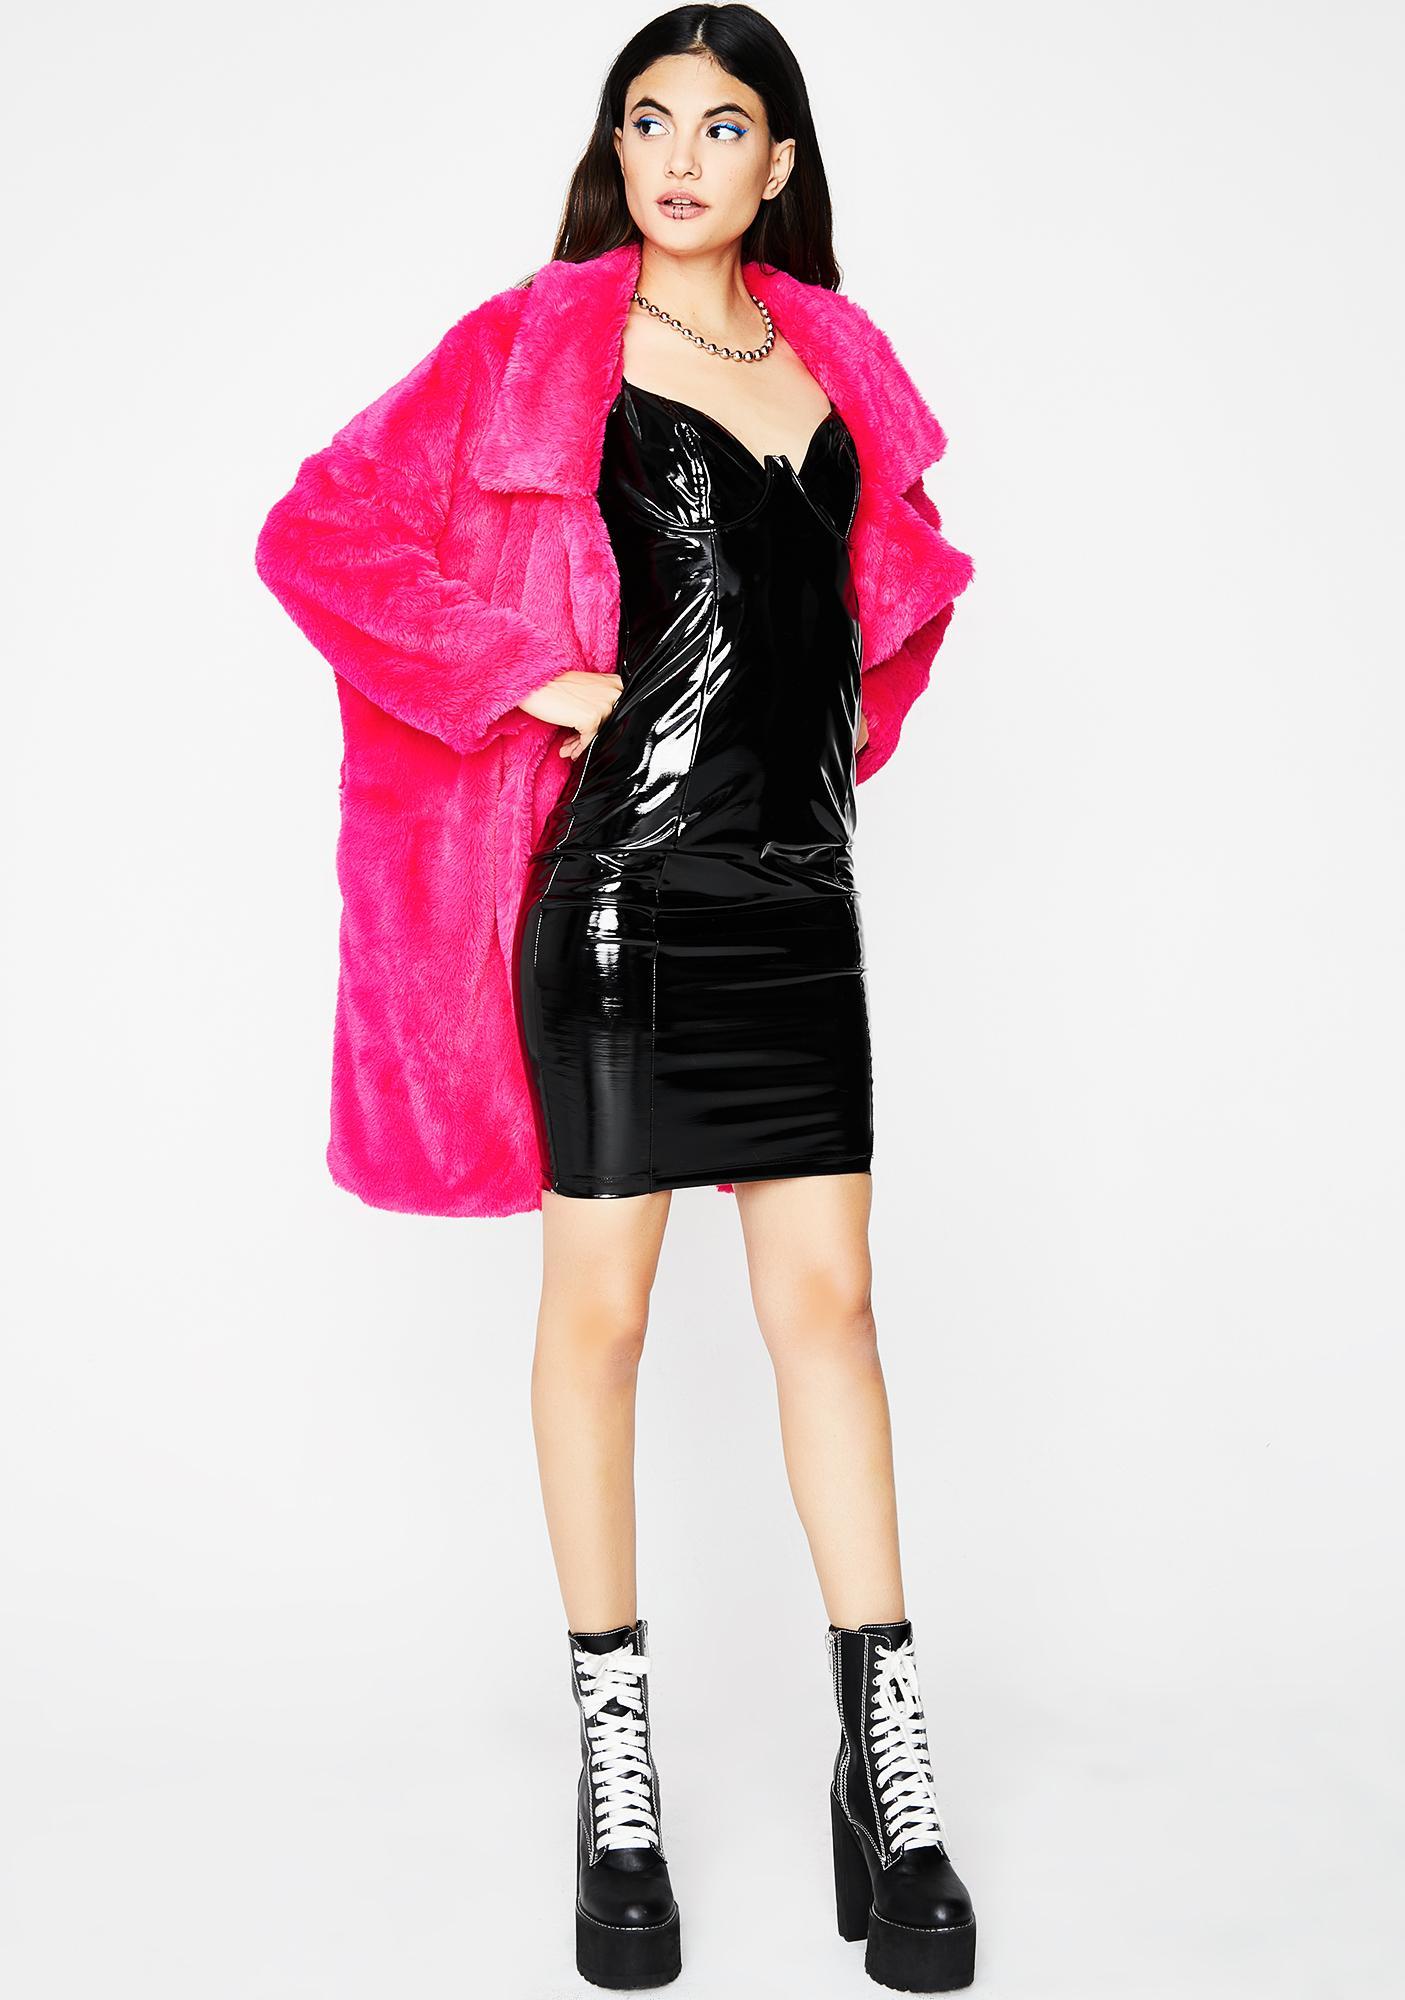 Midnight Main Chick Vinyl Dress